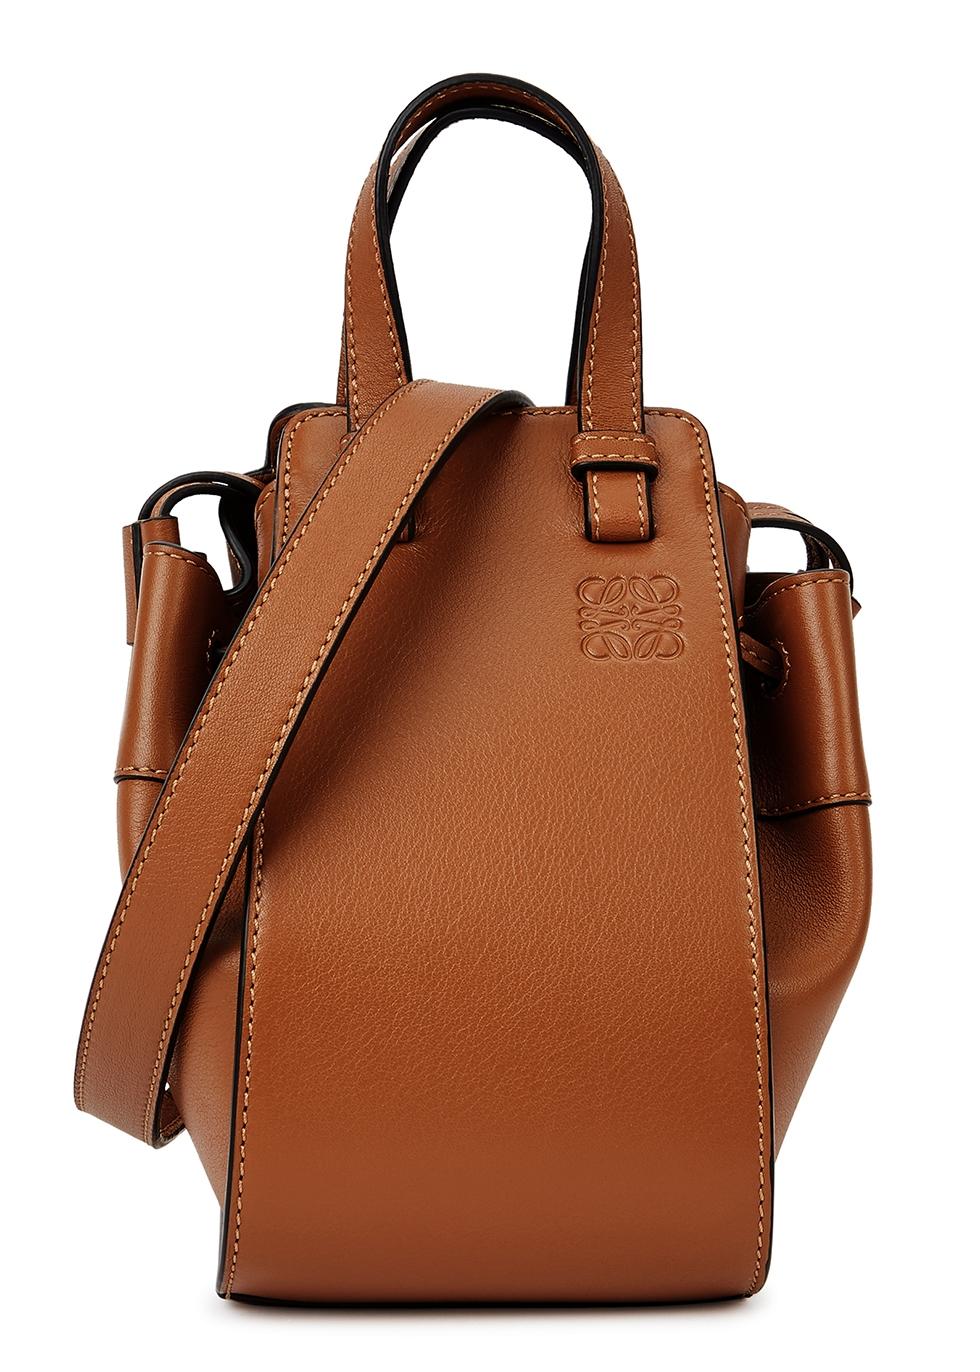 Hammock mini brown leather cross-body bag